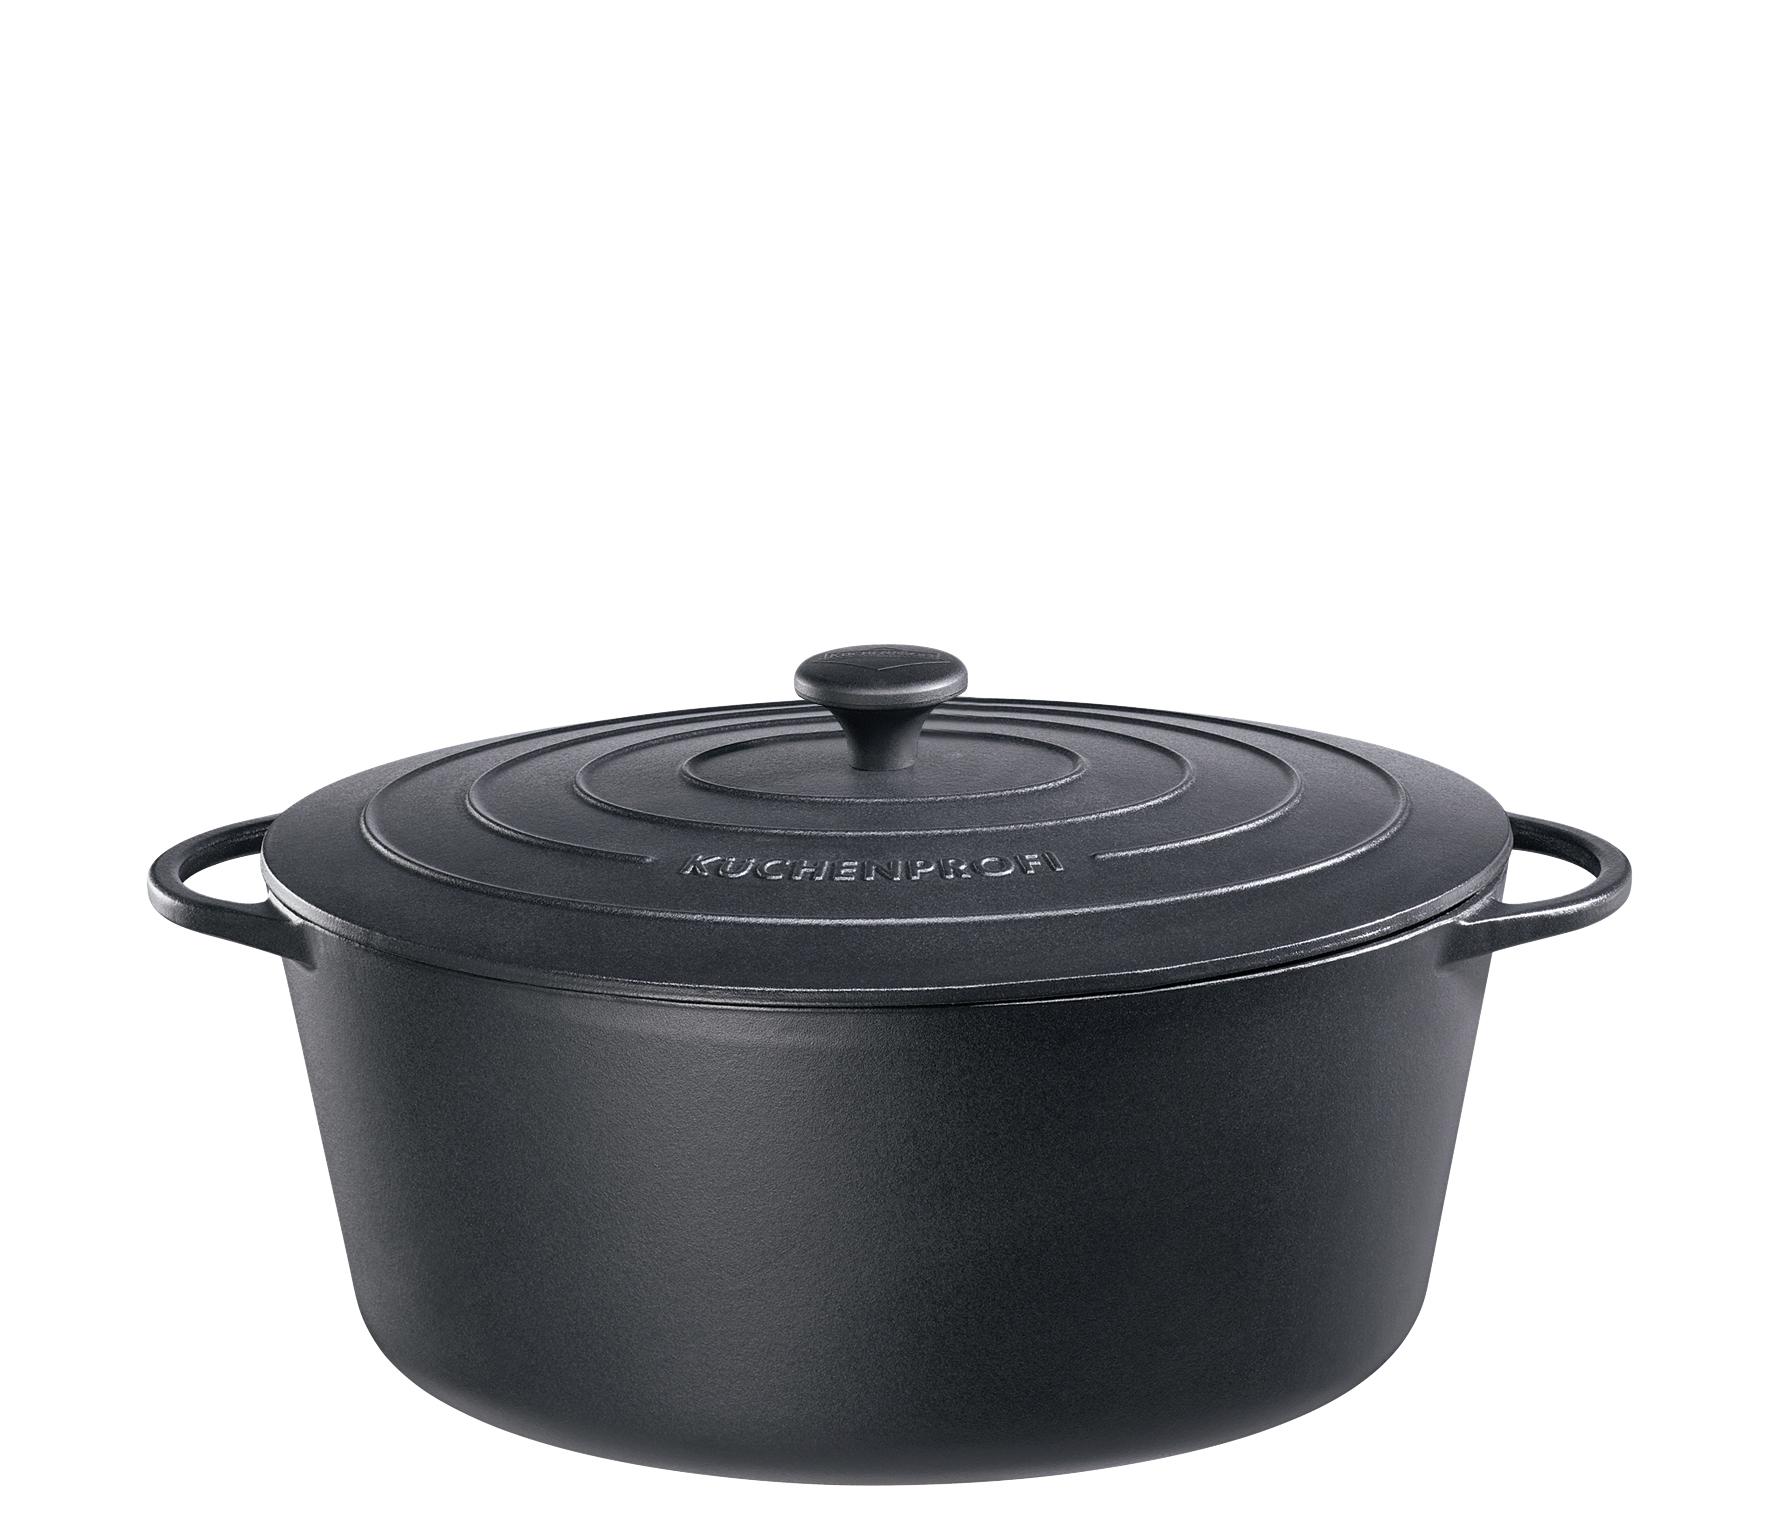 Litinový hrnec 35 cm černý Provence - Küchenprofi